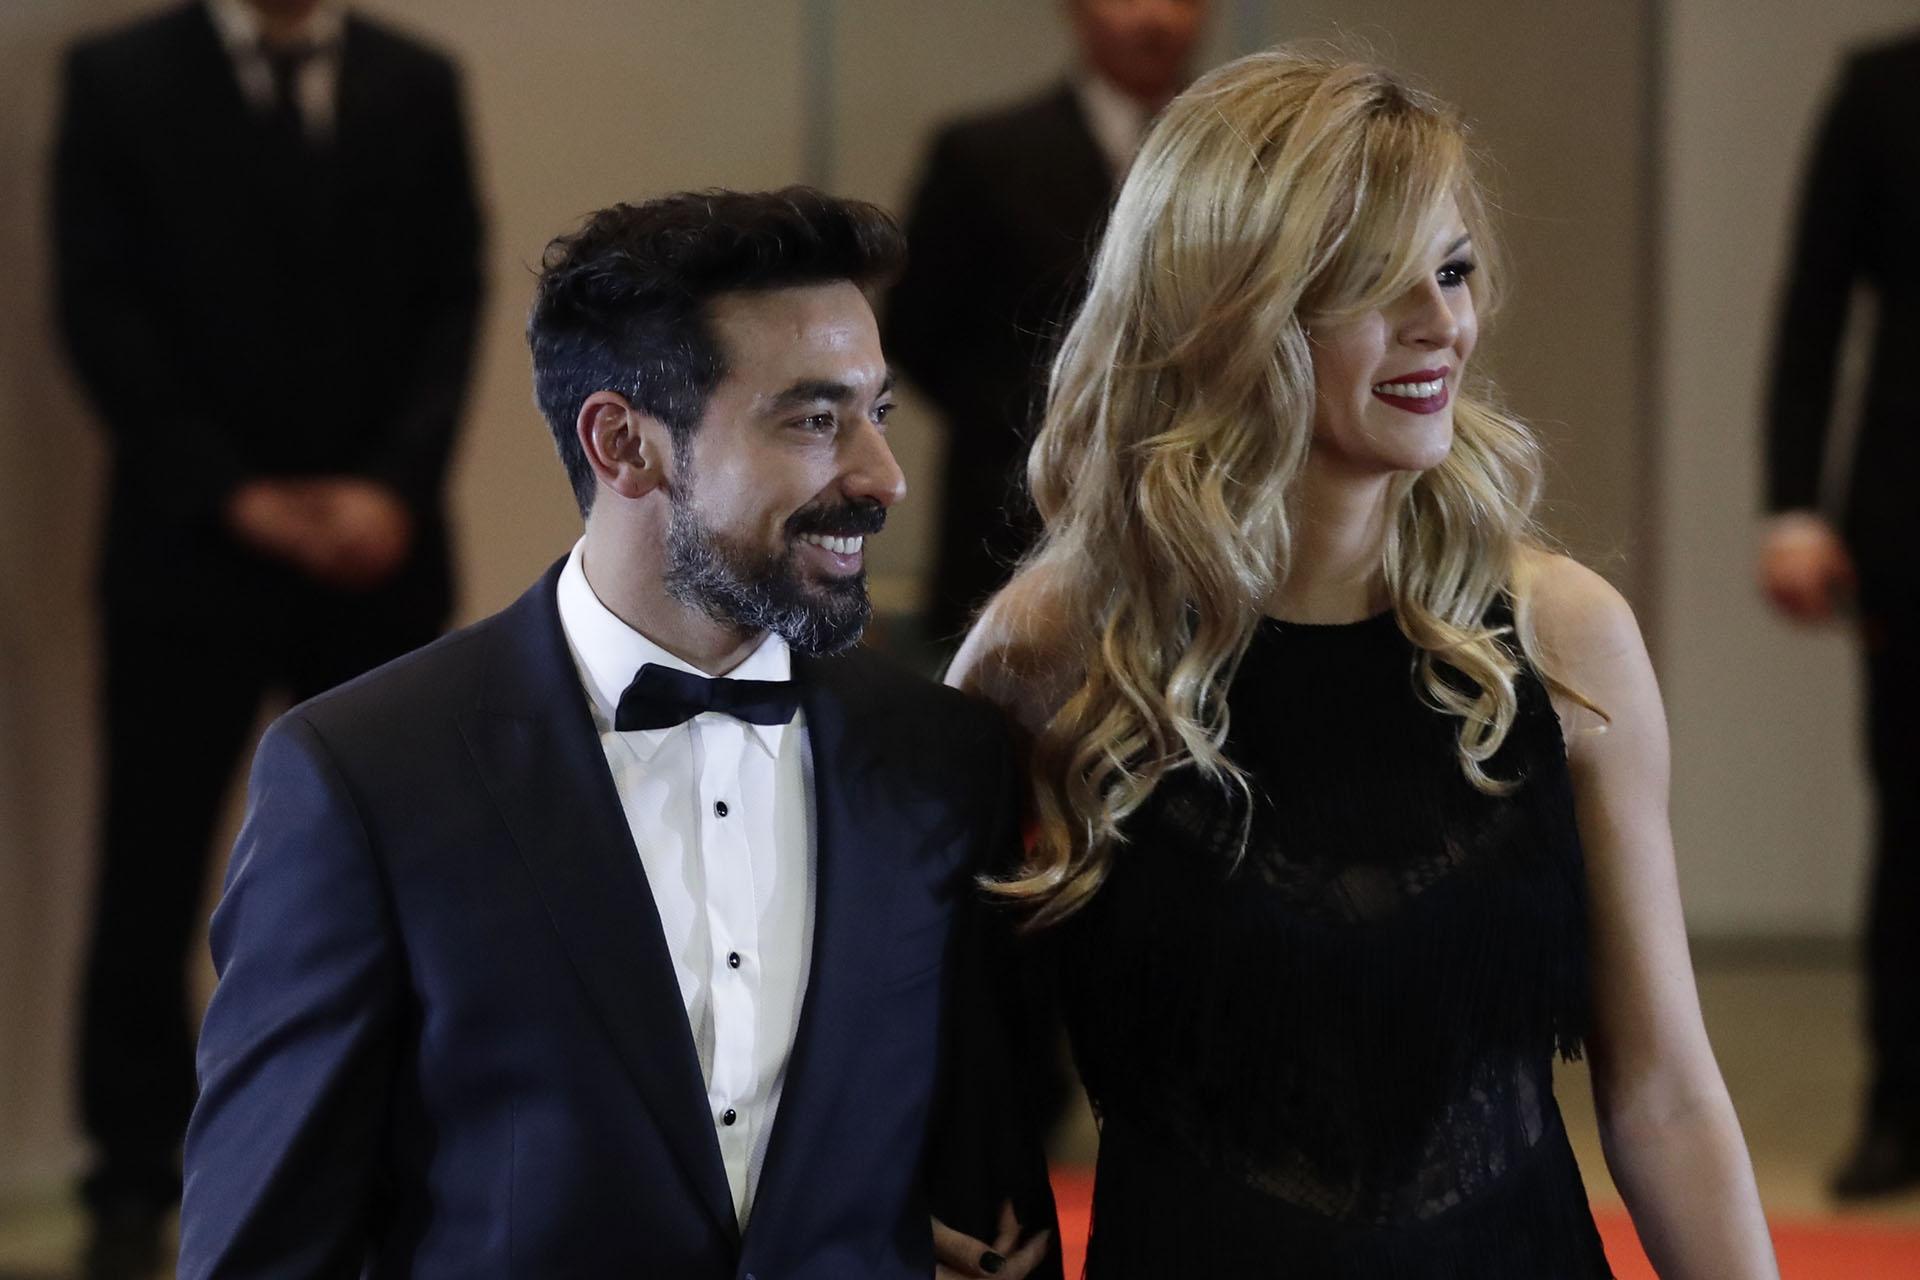 EzequielPocho Lavezzi y Yanina Screpante viajaron especialmente para la boda. Los jugadores se hicieron íntimos amigos en la Selección